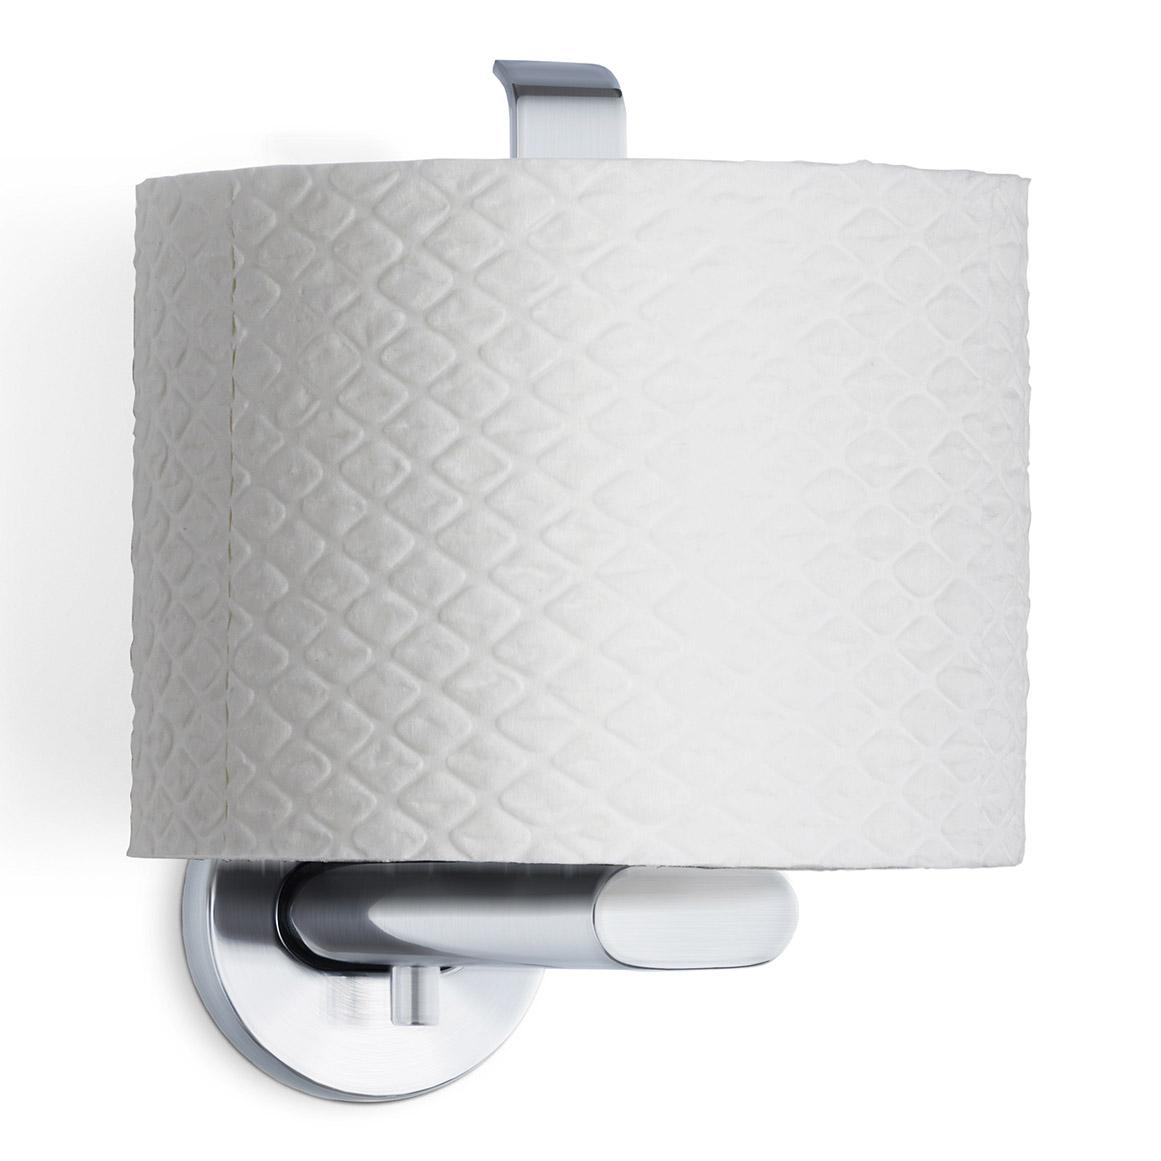 Držiak toaletného papiera matná nehrdzavejúca oceľ AREO zvislý